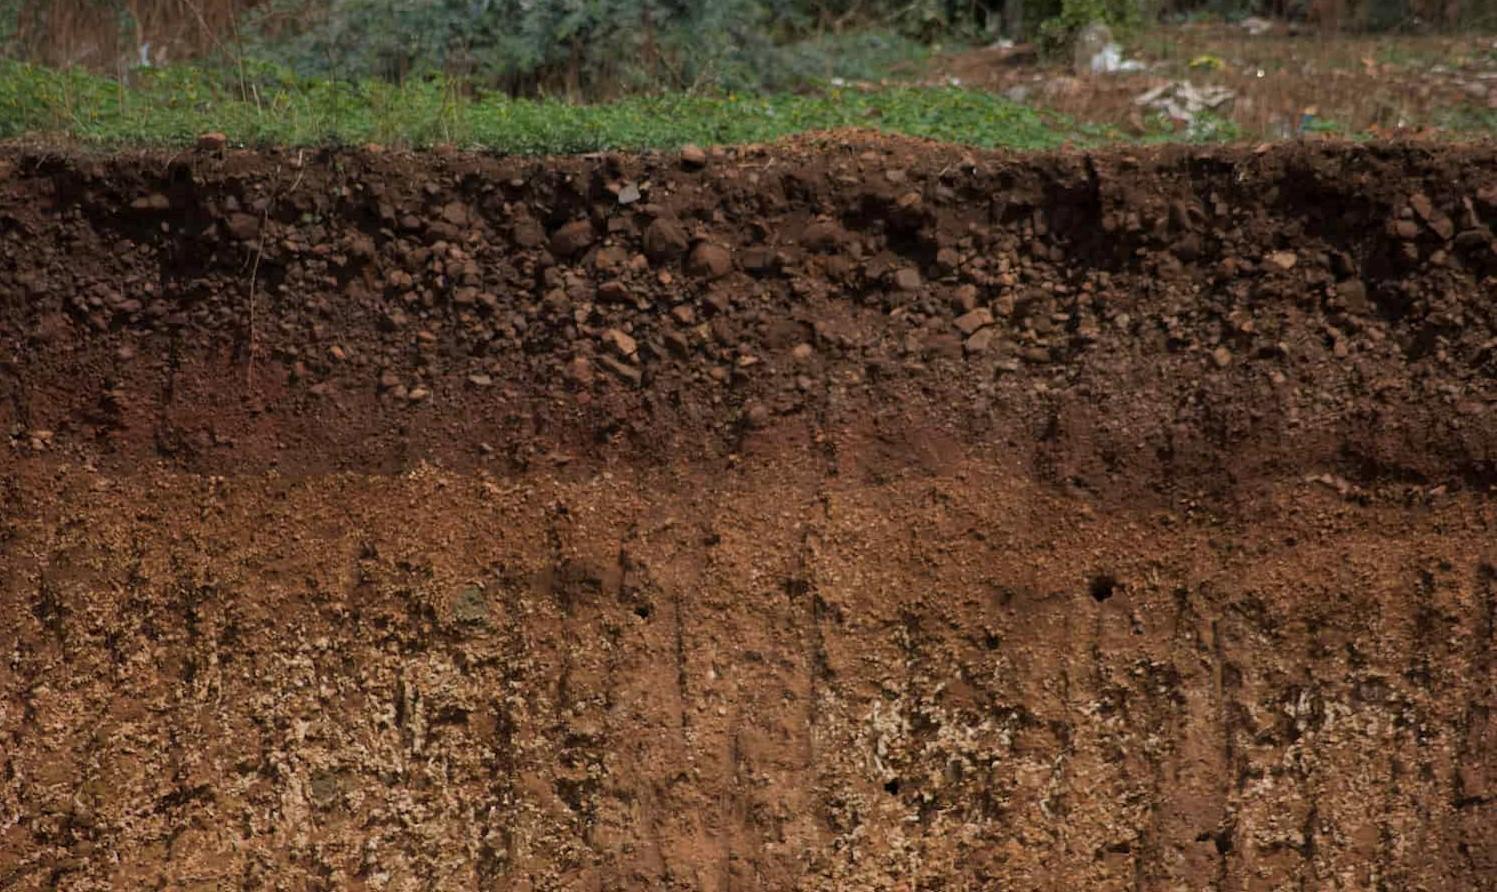 Какова толщина плодородного слоя Земли?